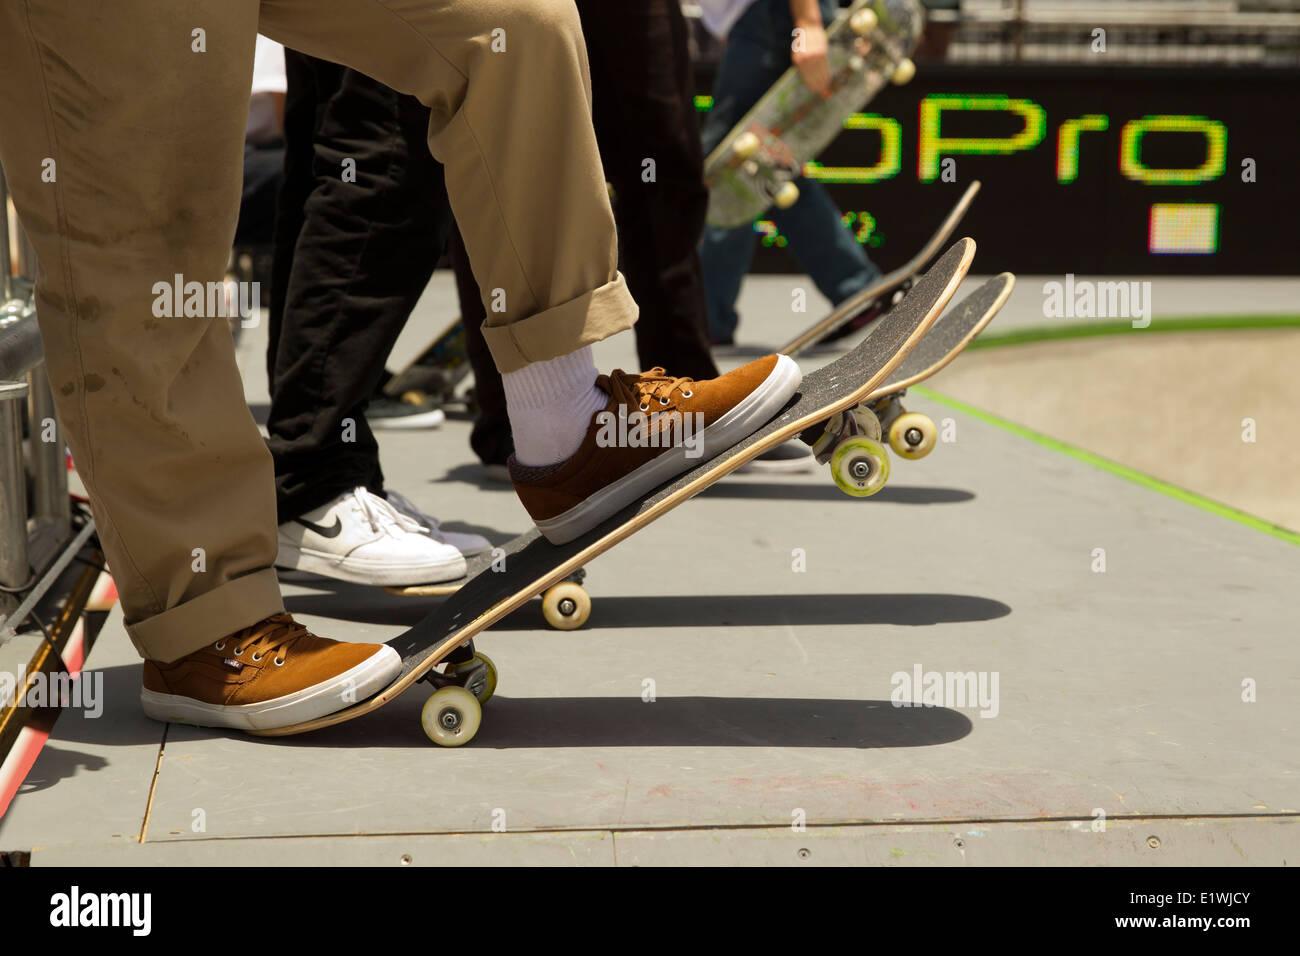 X-Games presso il circuito delle Americhe svoltosi a Austin, Texas. I giovani atleti di skateboard durante la pratica Immagini Stock